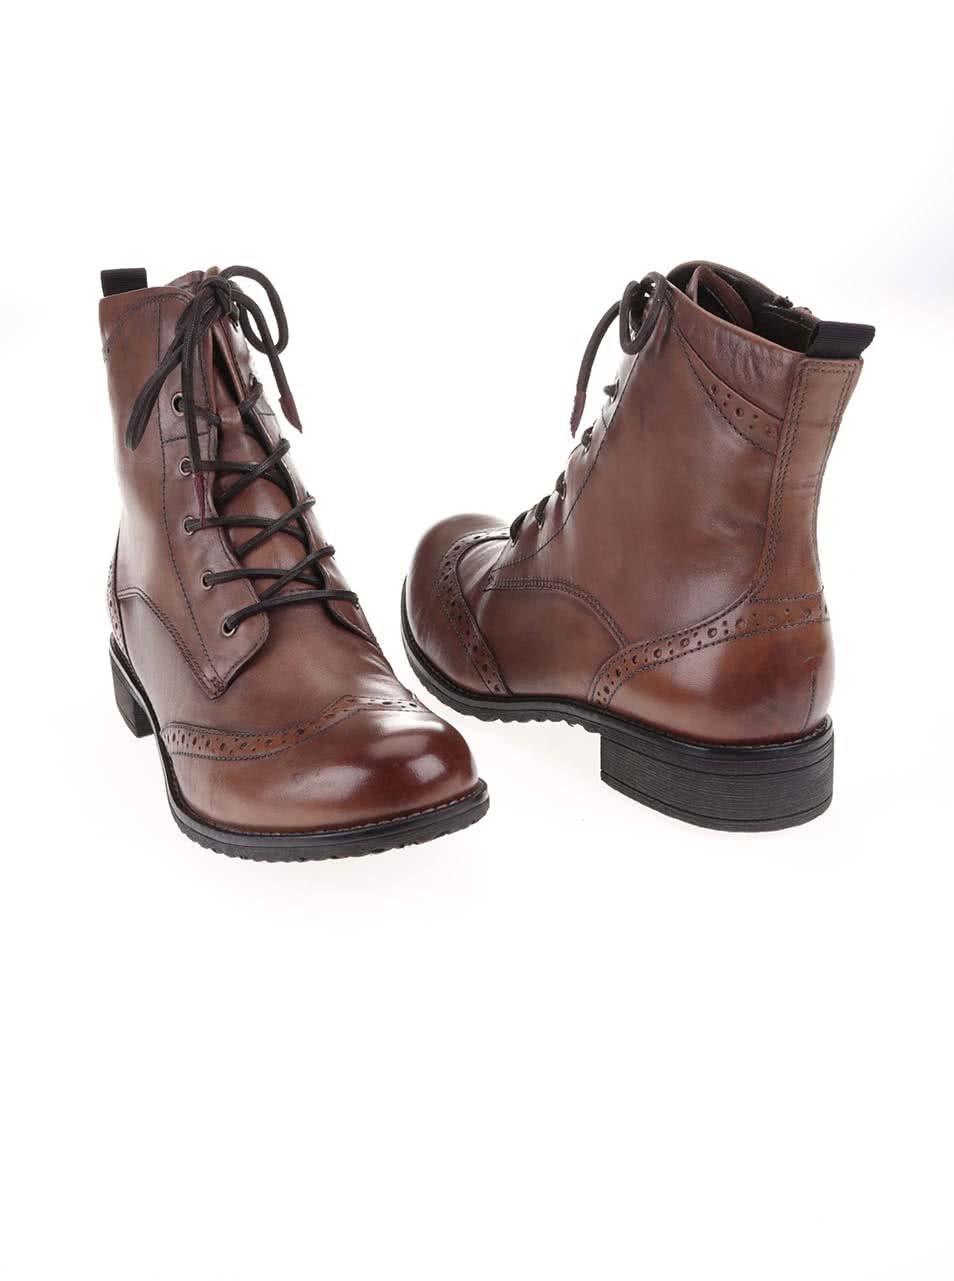 1239b3b0f Hnedé kožené členkové topánky na šnurovanie Tamaris | ZOOT.sk